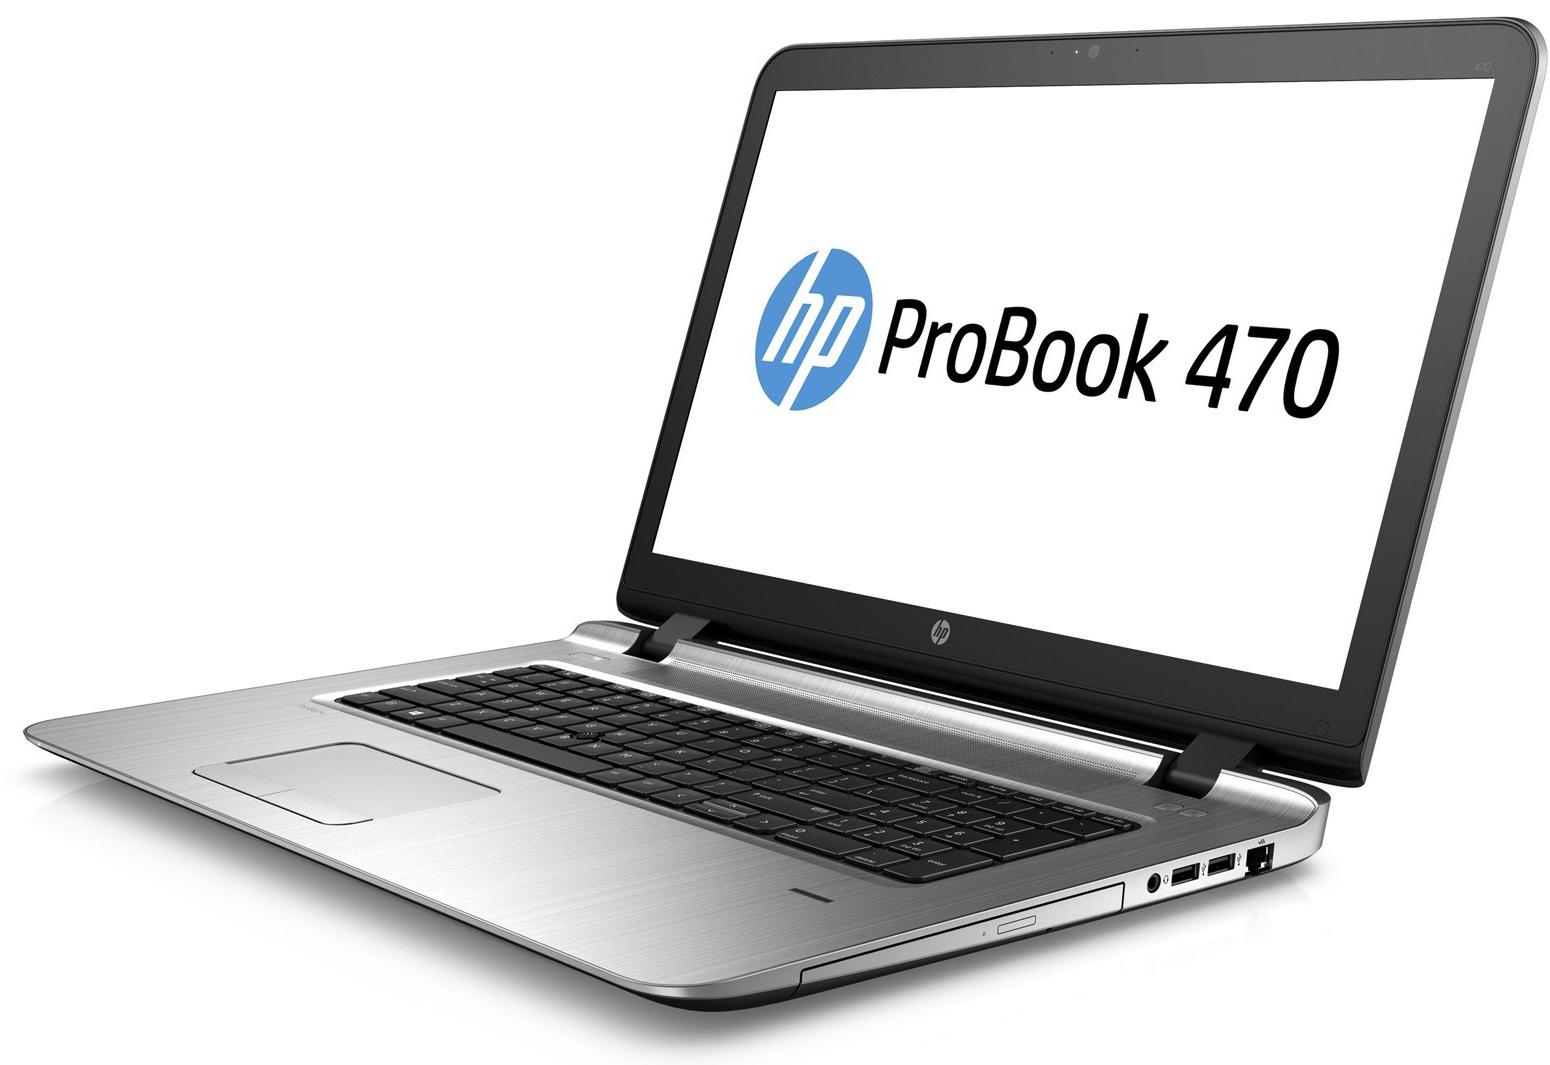 HP ProBook 470 G3 für 750,10€ im HP Education Store